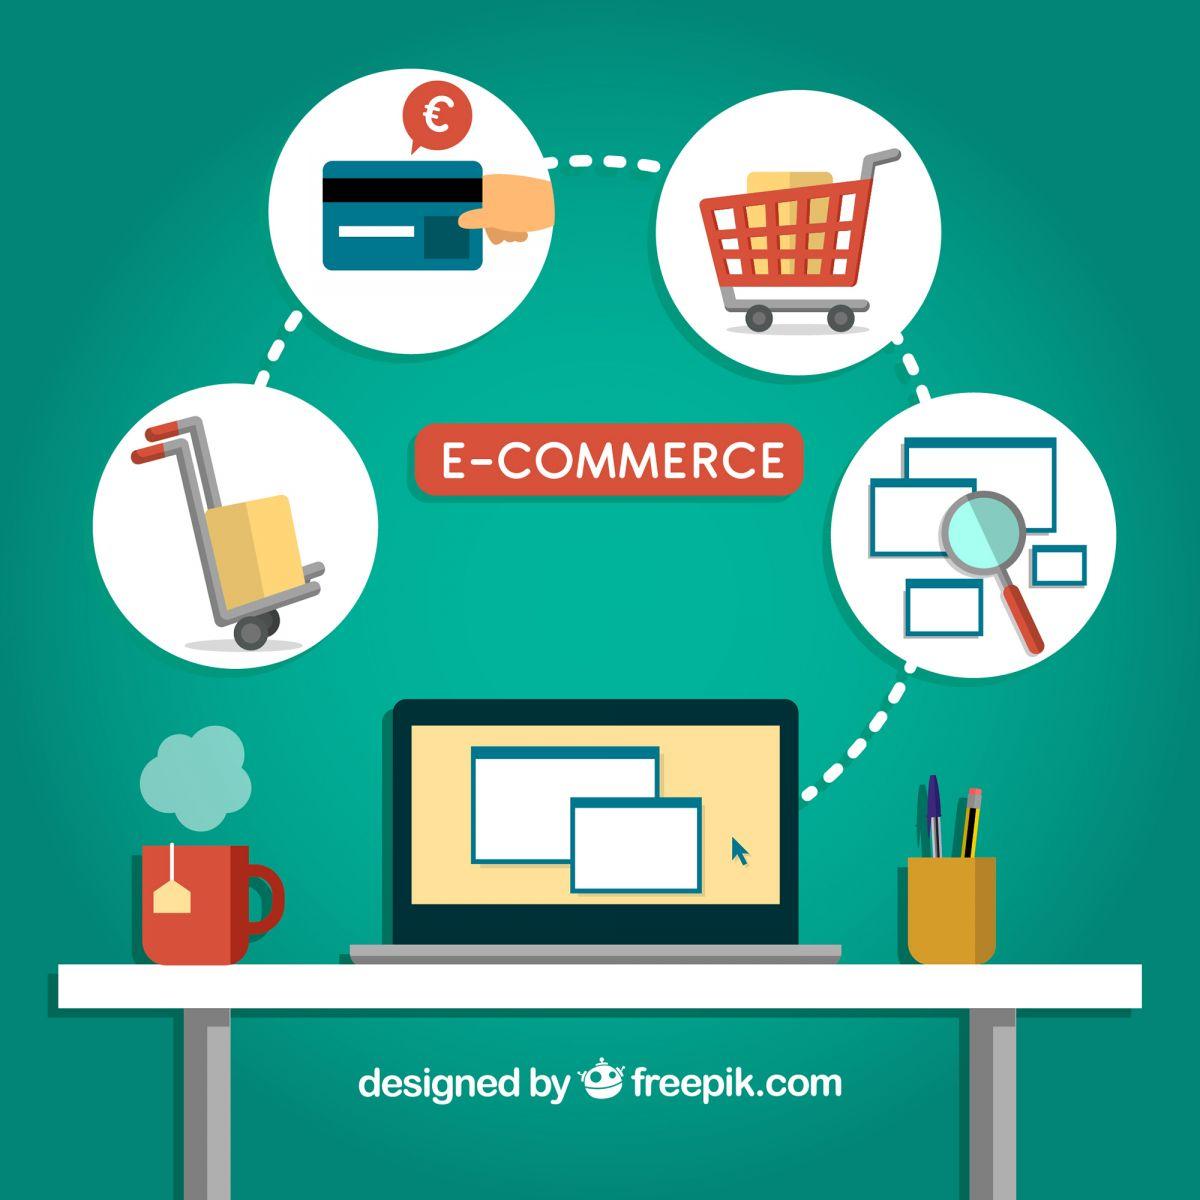 arte e-commerce encontrado em páginas de busca